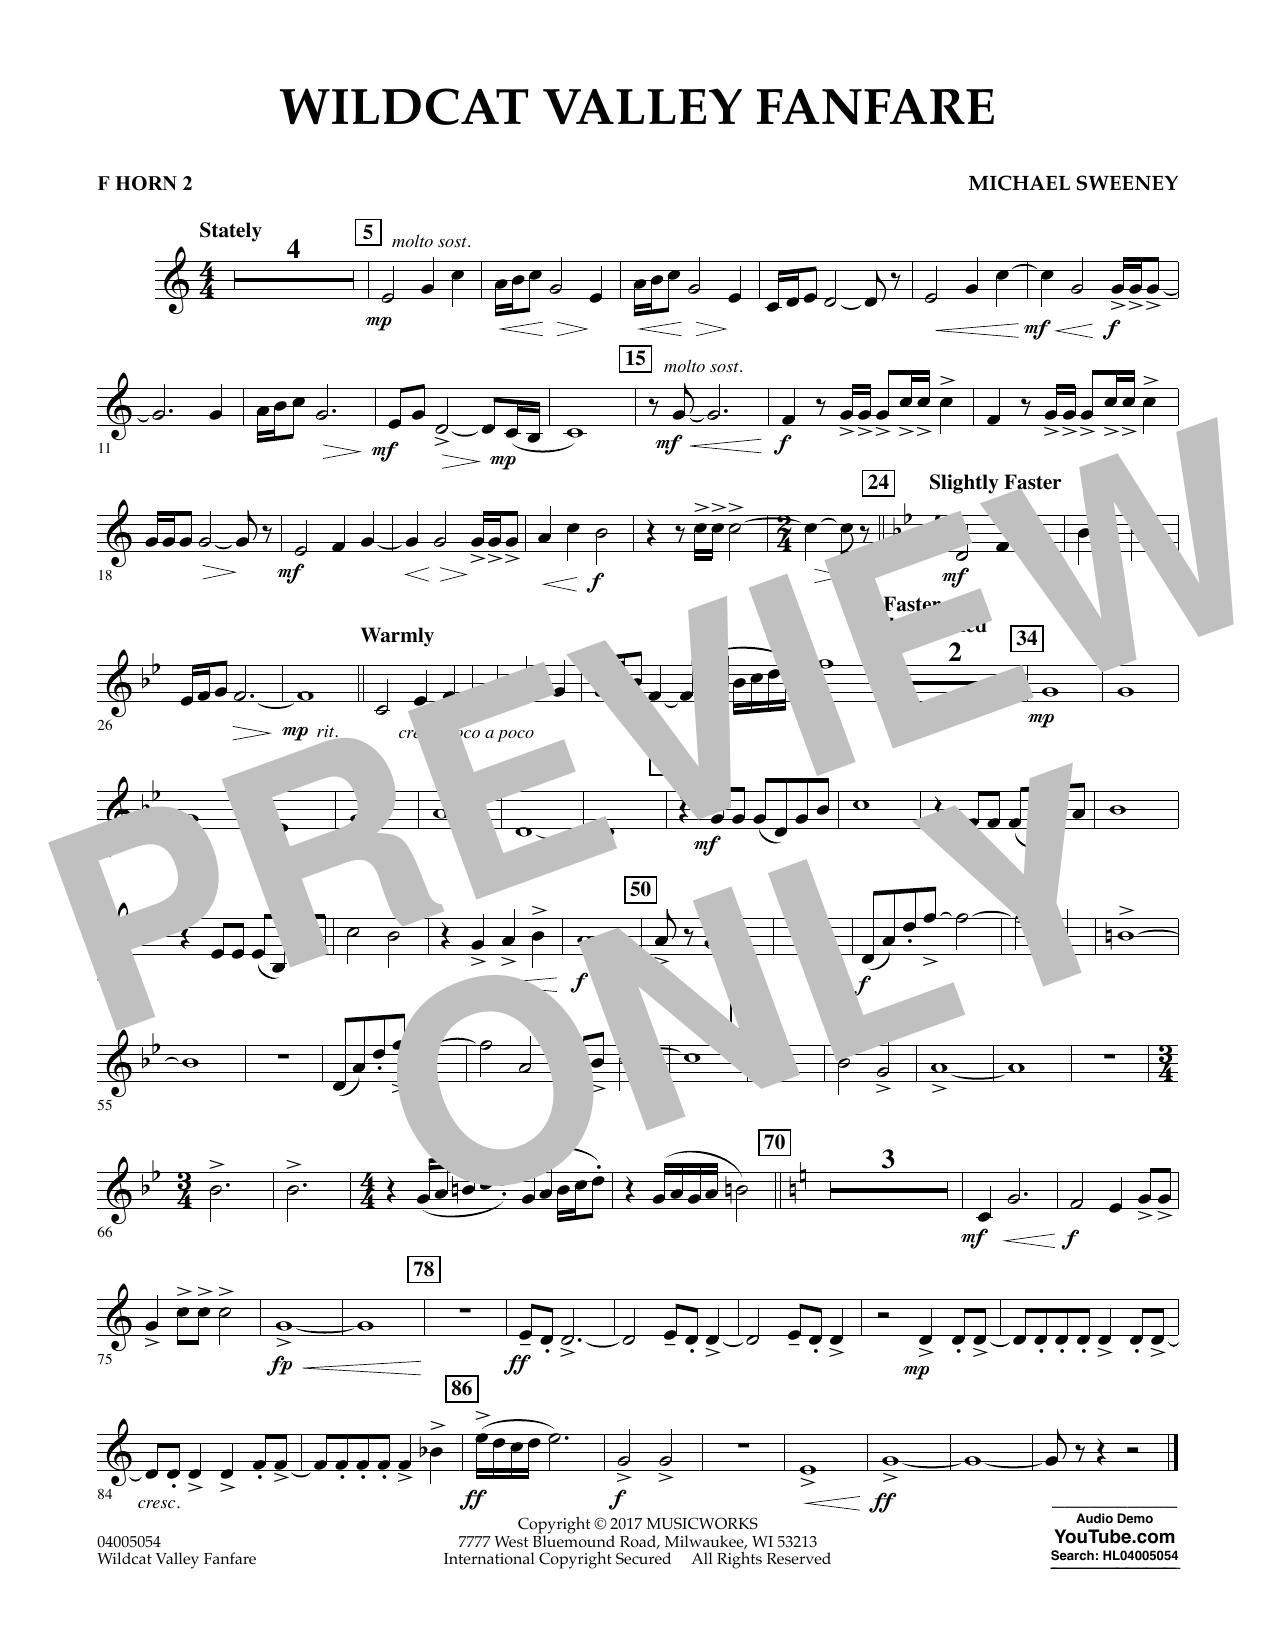 Wildcat Valley Fanfare - F Horn 2 Sheet Music